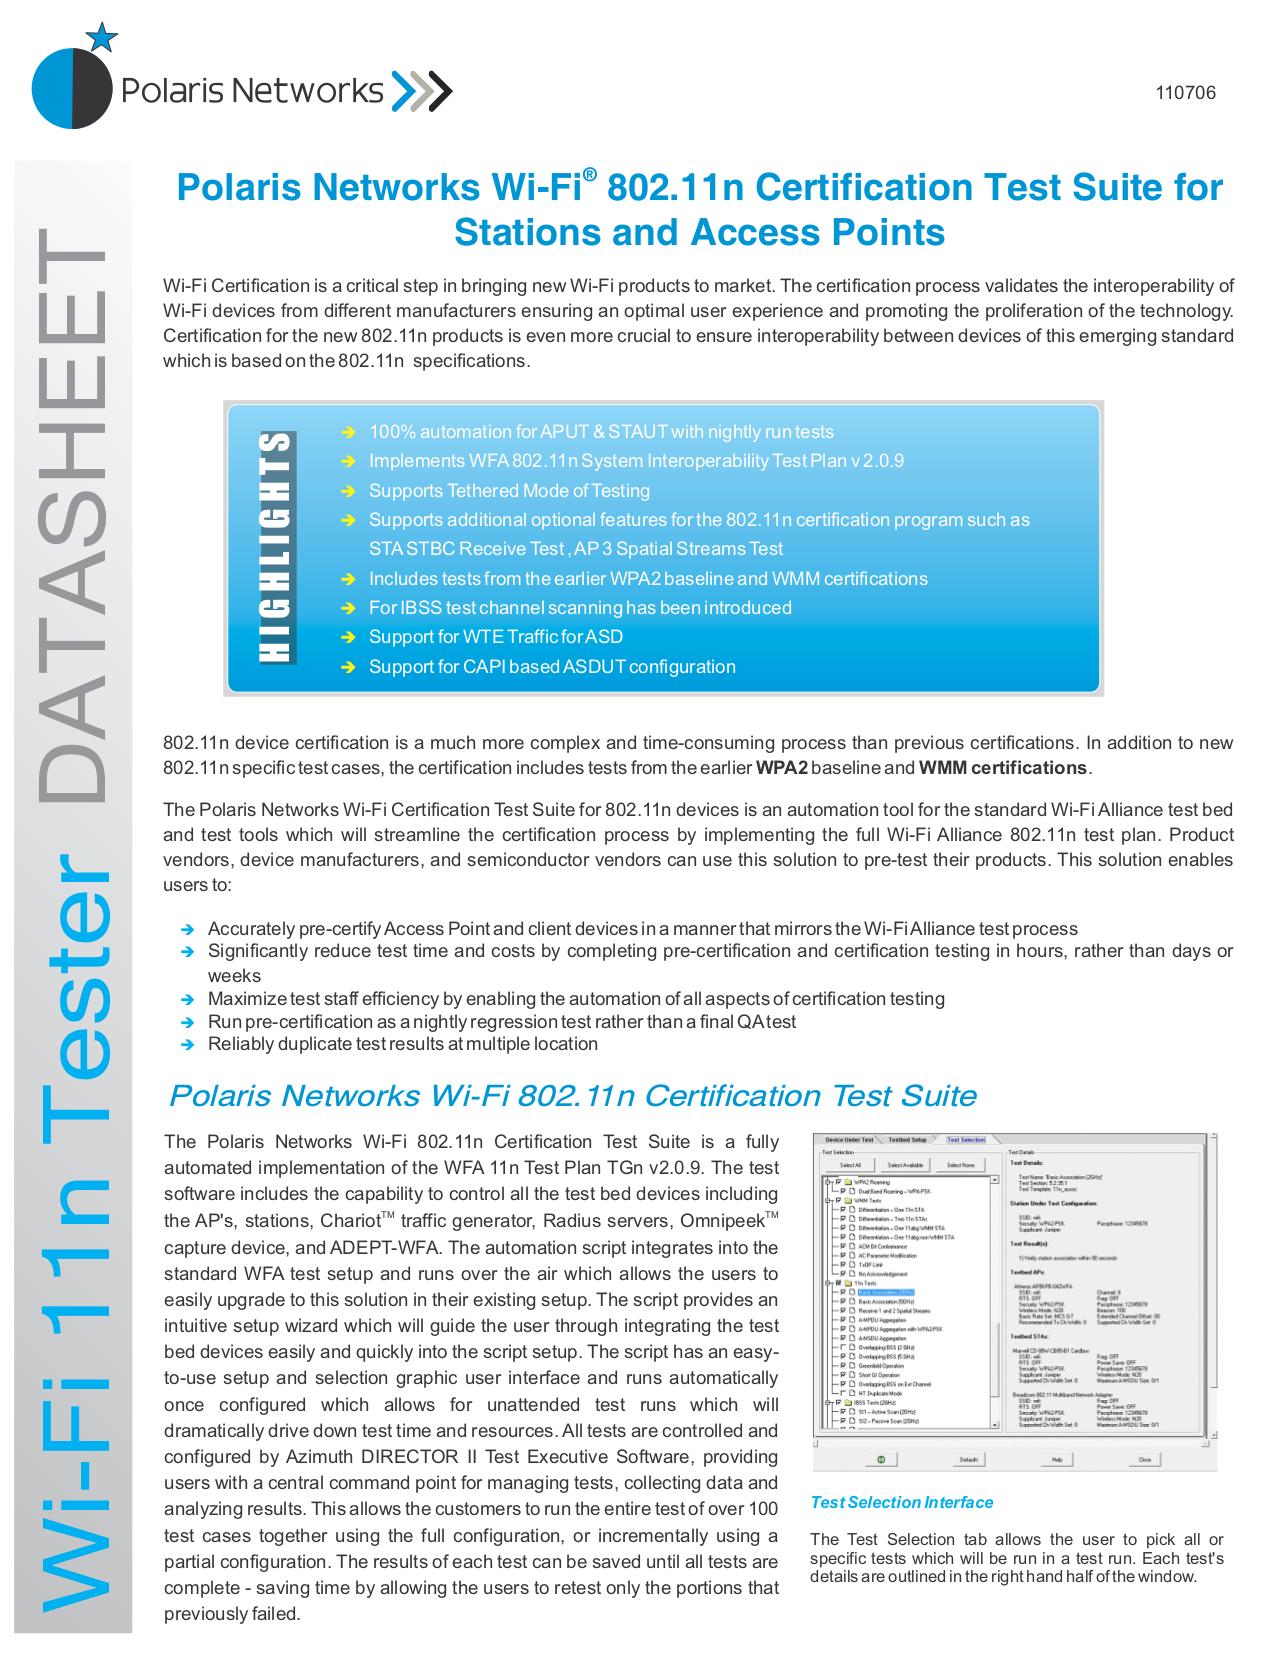 pdf for Quatech Other QSE-100D Servers manual